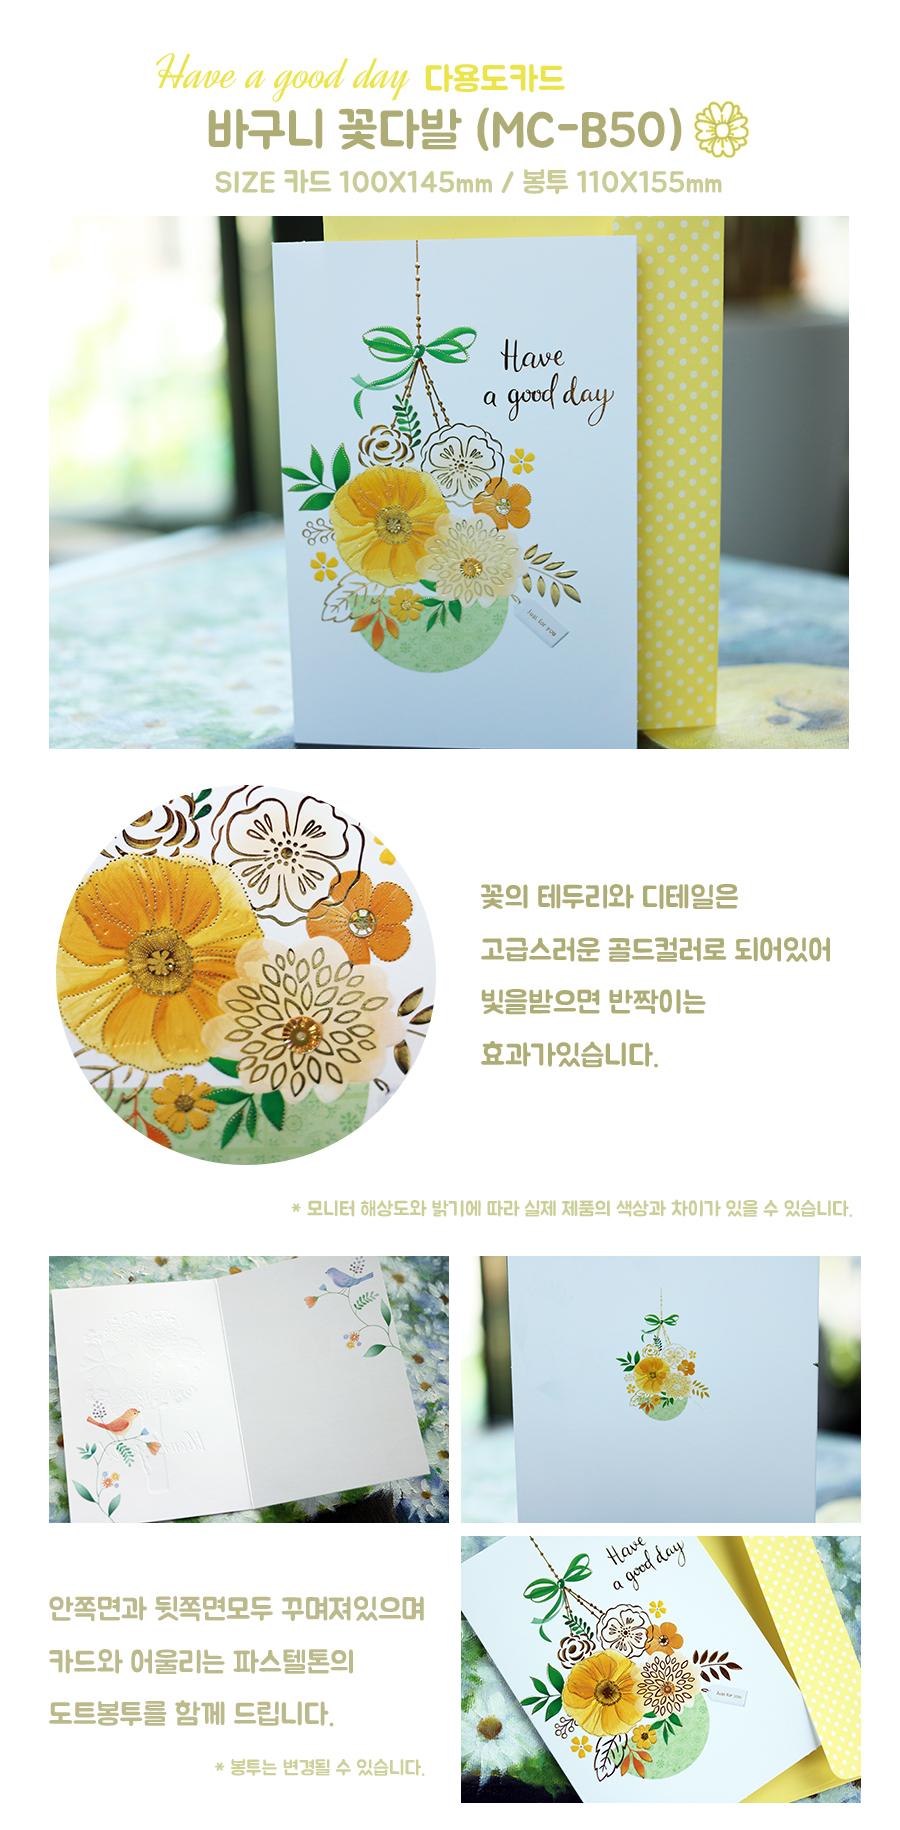 다용도 축하 감사카드 8종 - 고운카드, 1,000원, 카드, 축하 카드